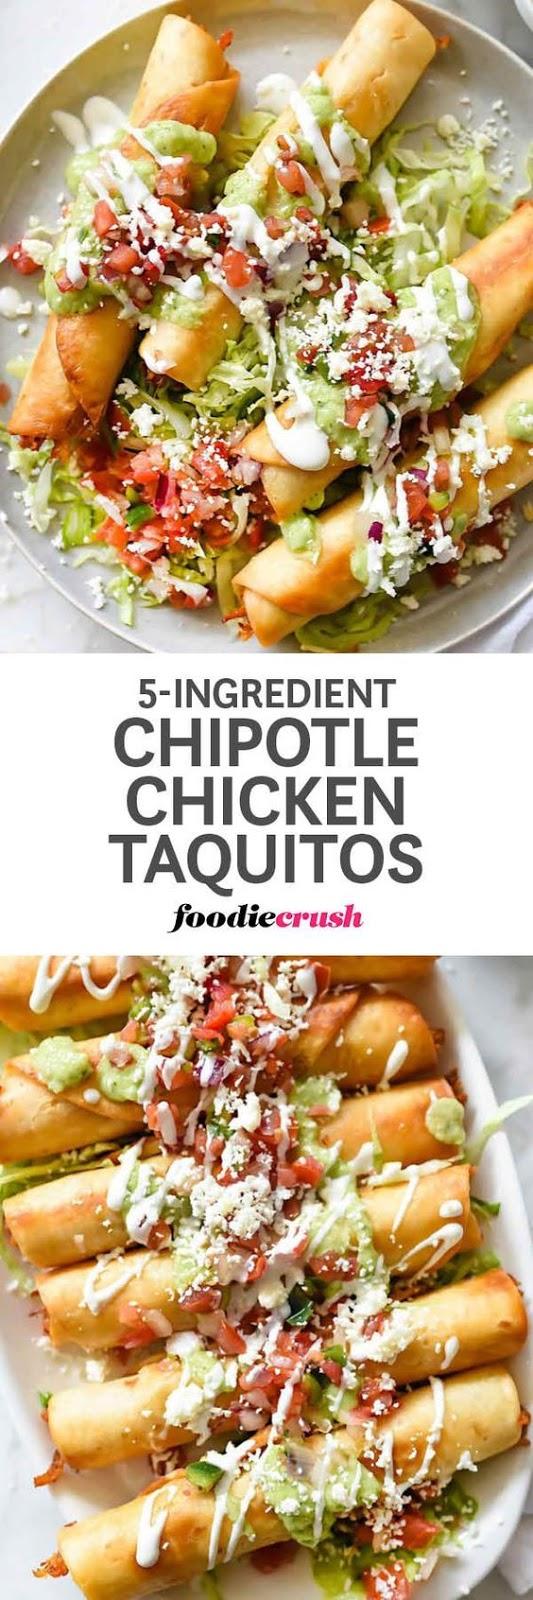 5-Ingredient Chipotle Chicken Taquitos